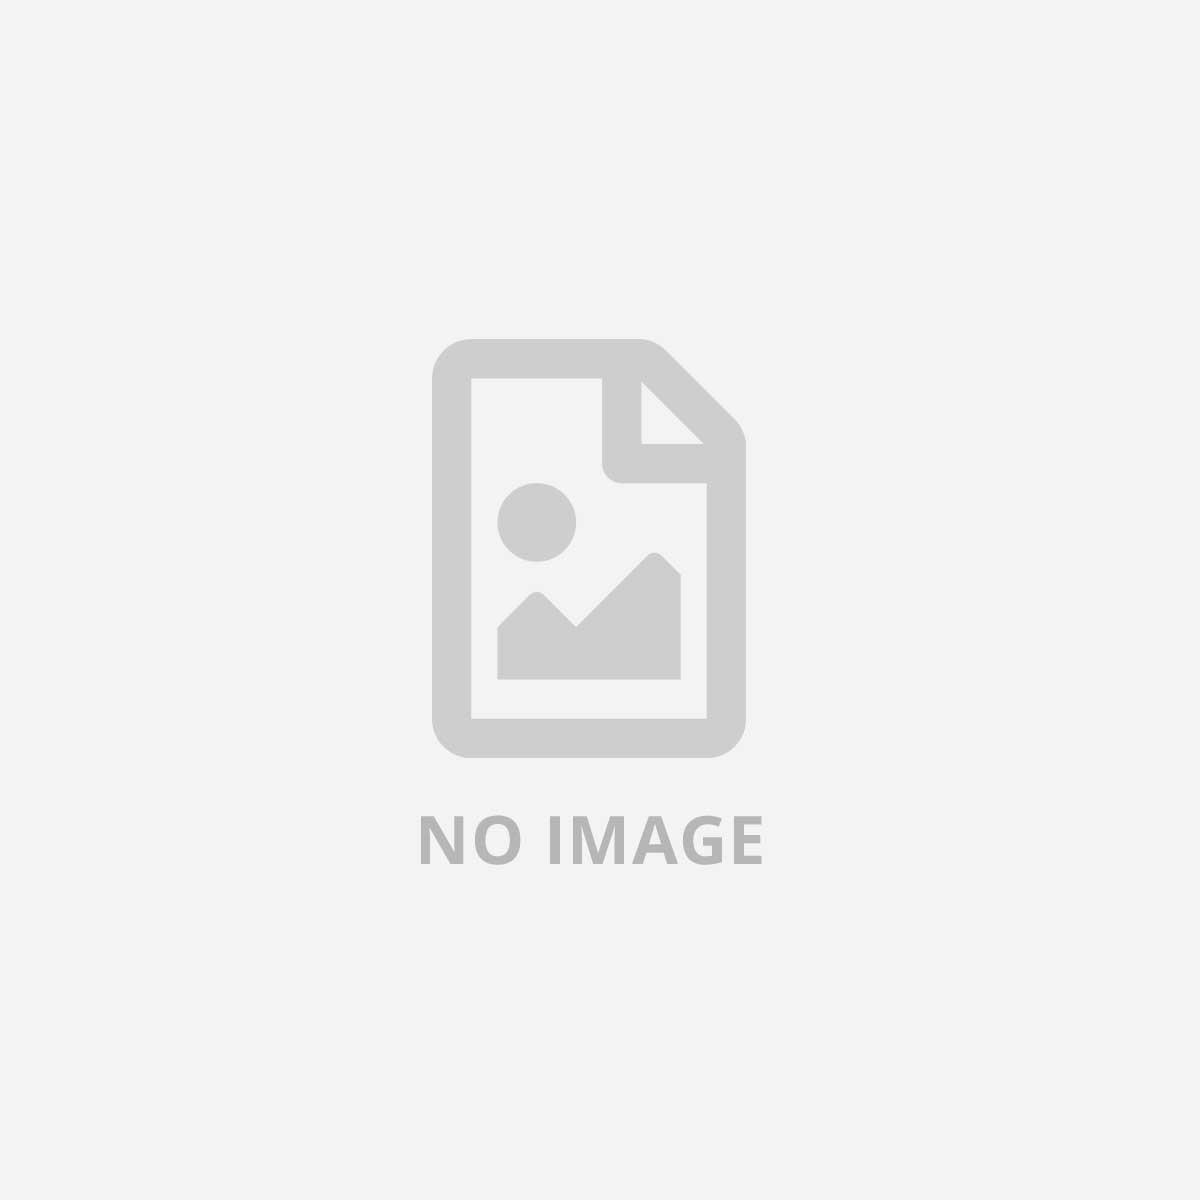 WATCHGUARD WTG AP125 1Y BASIC WI-FI